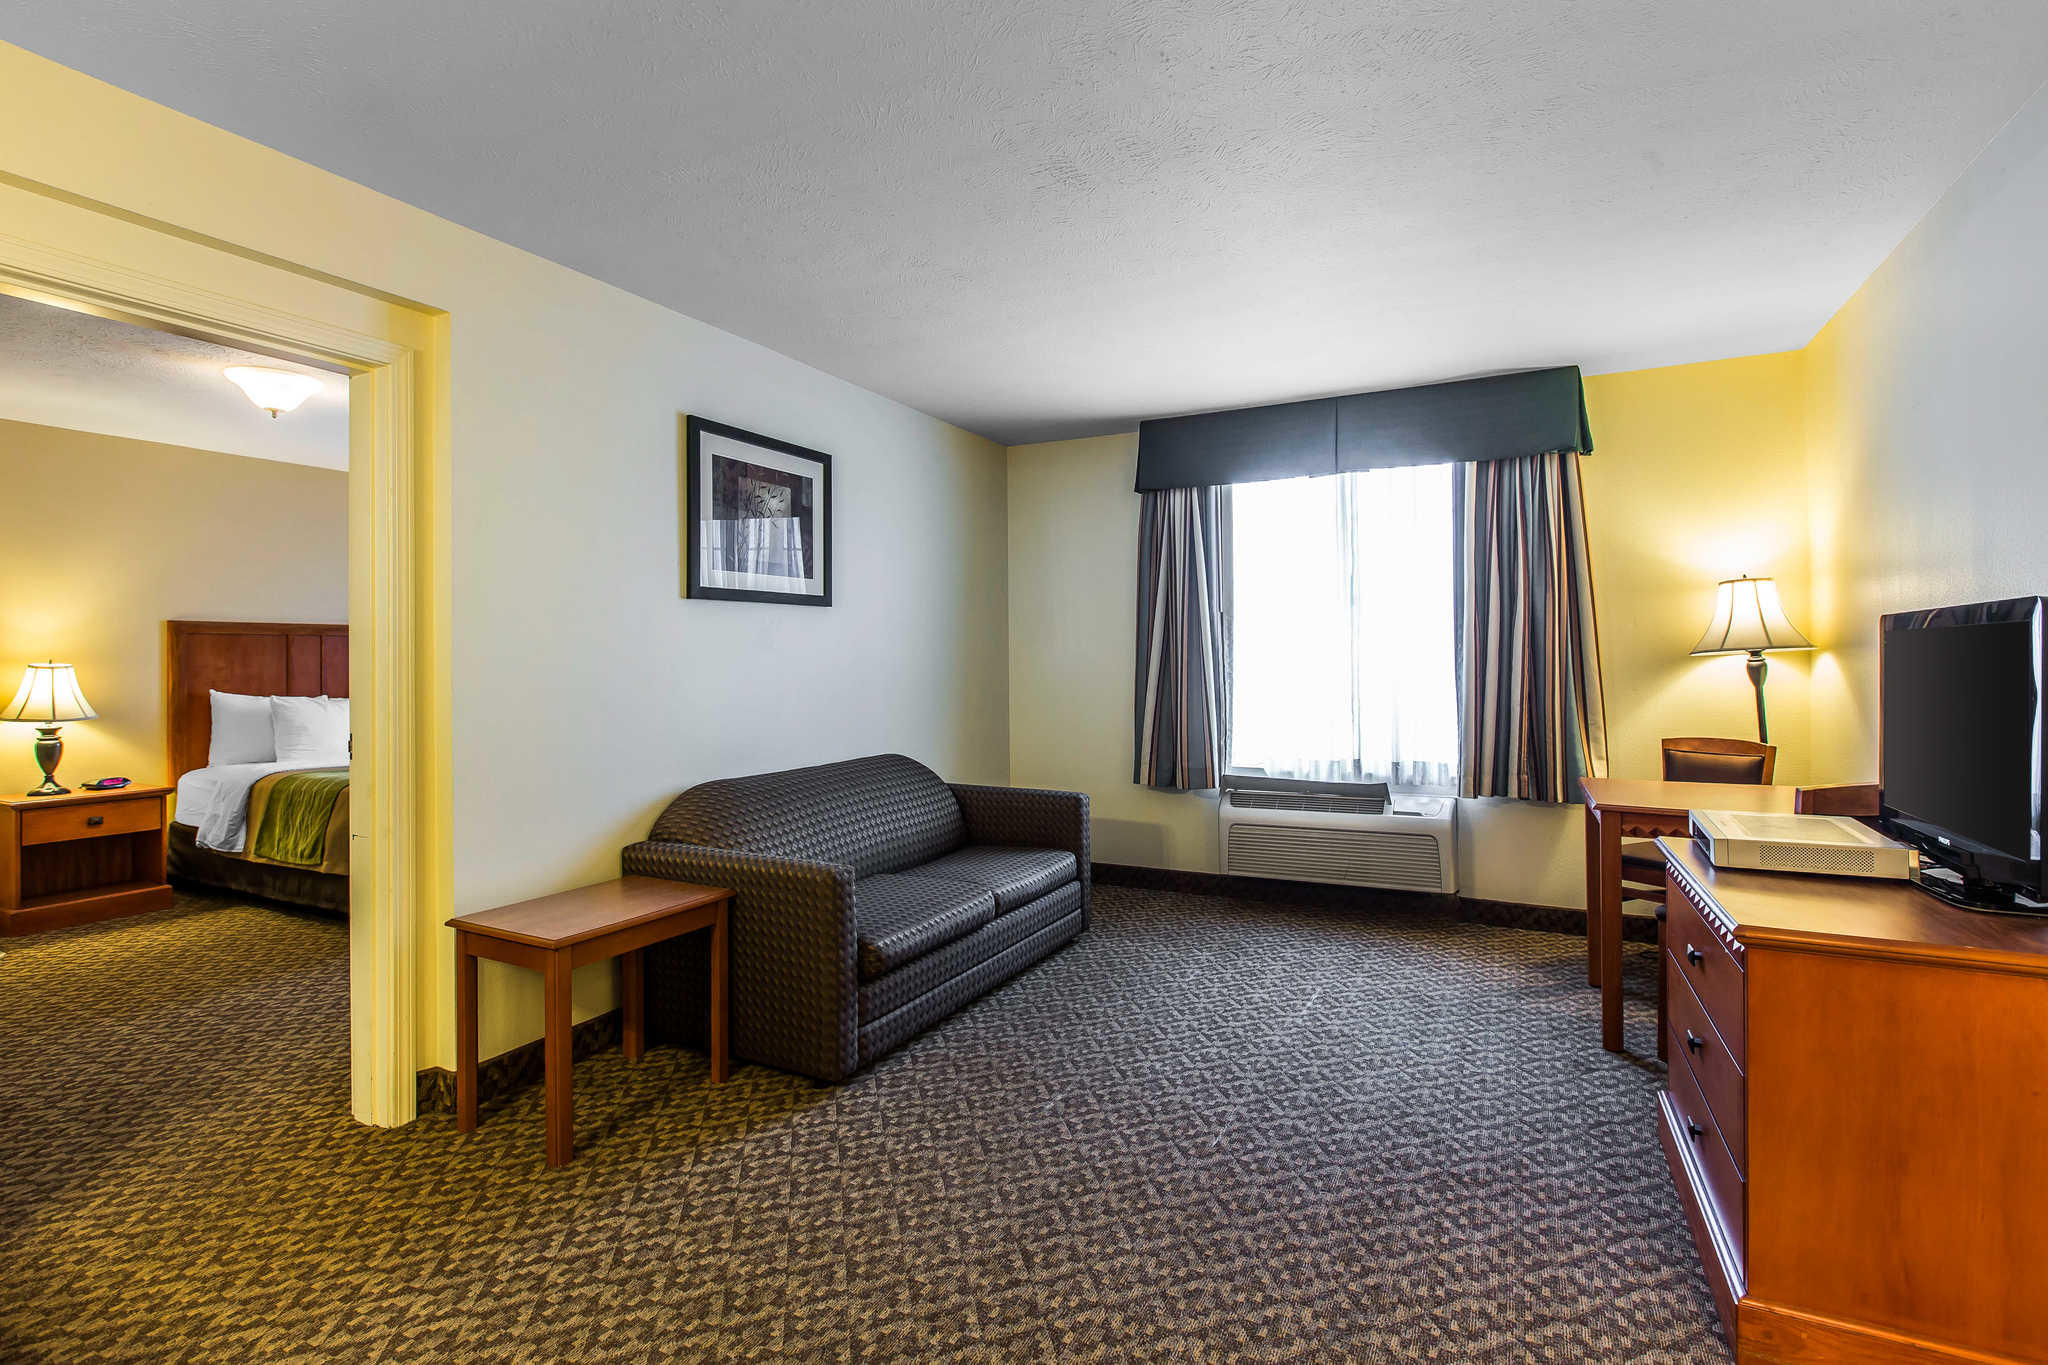 Comfort Inn & Suites El Centro I-8 image 16